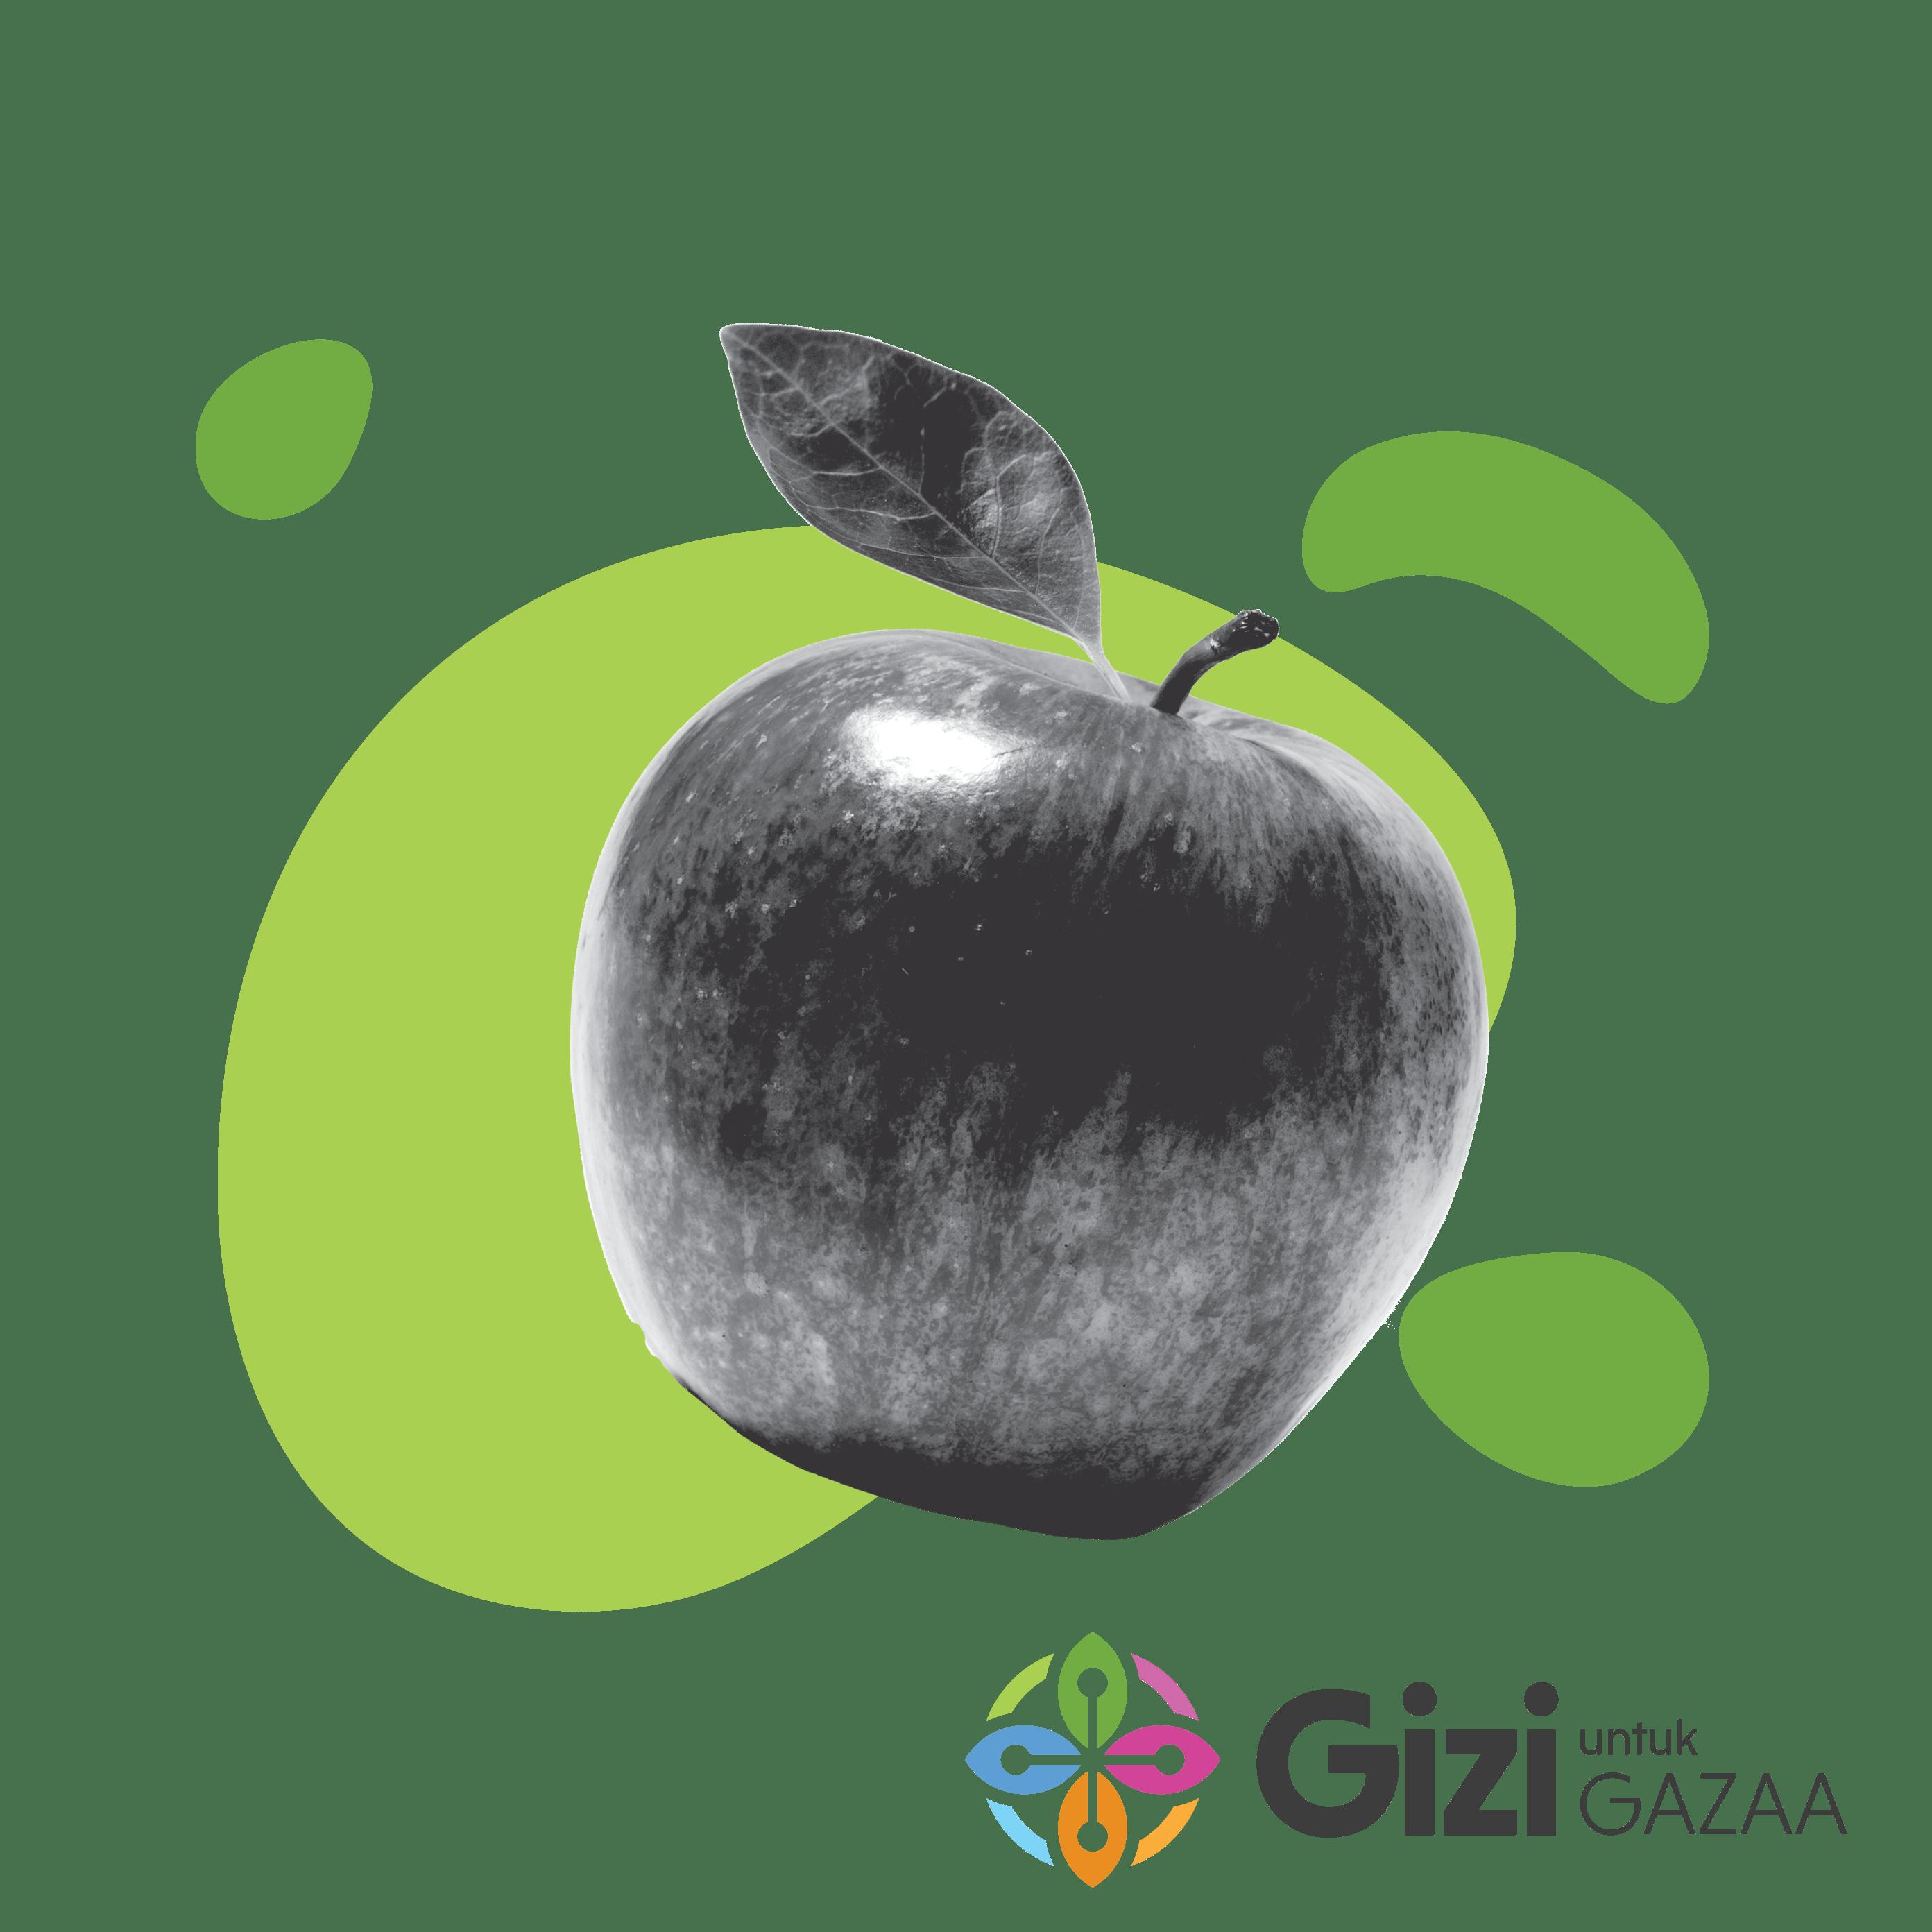 gizi-gaza